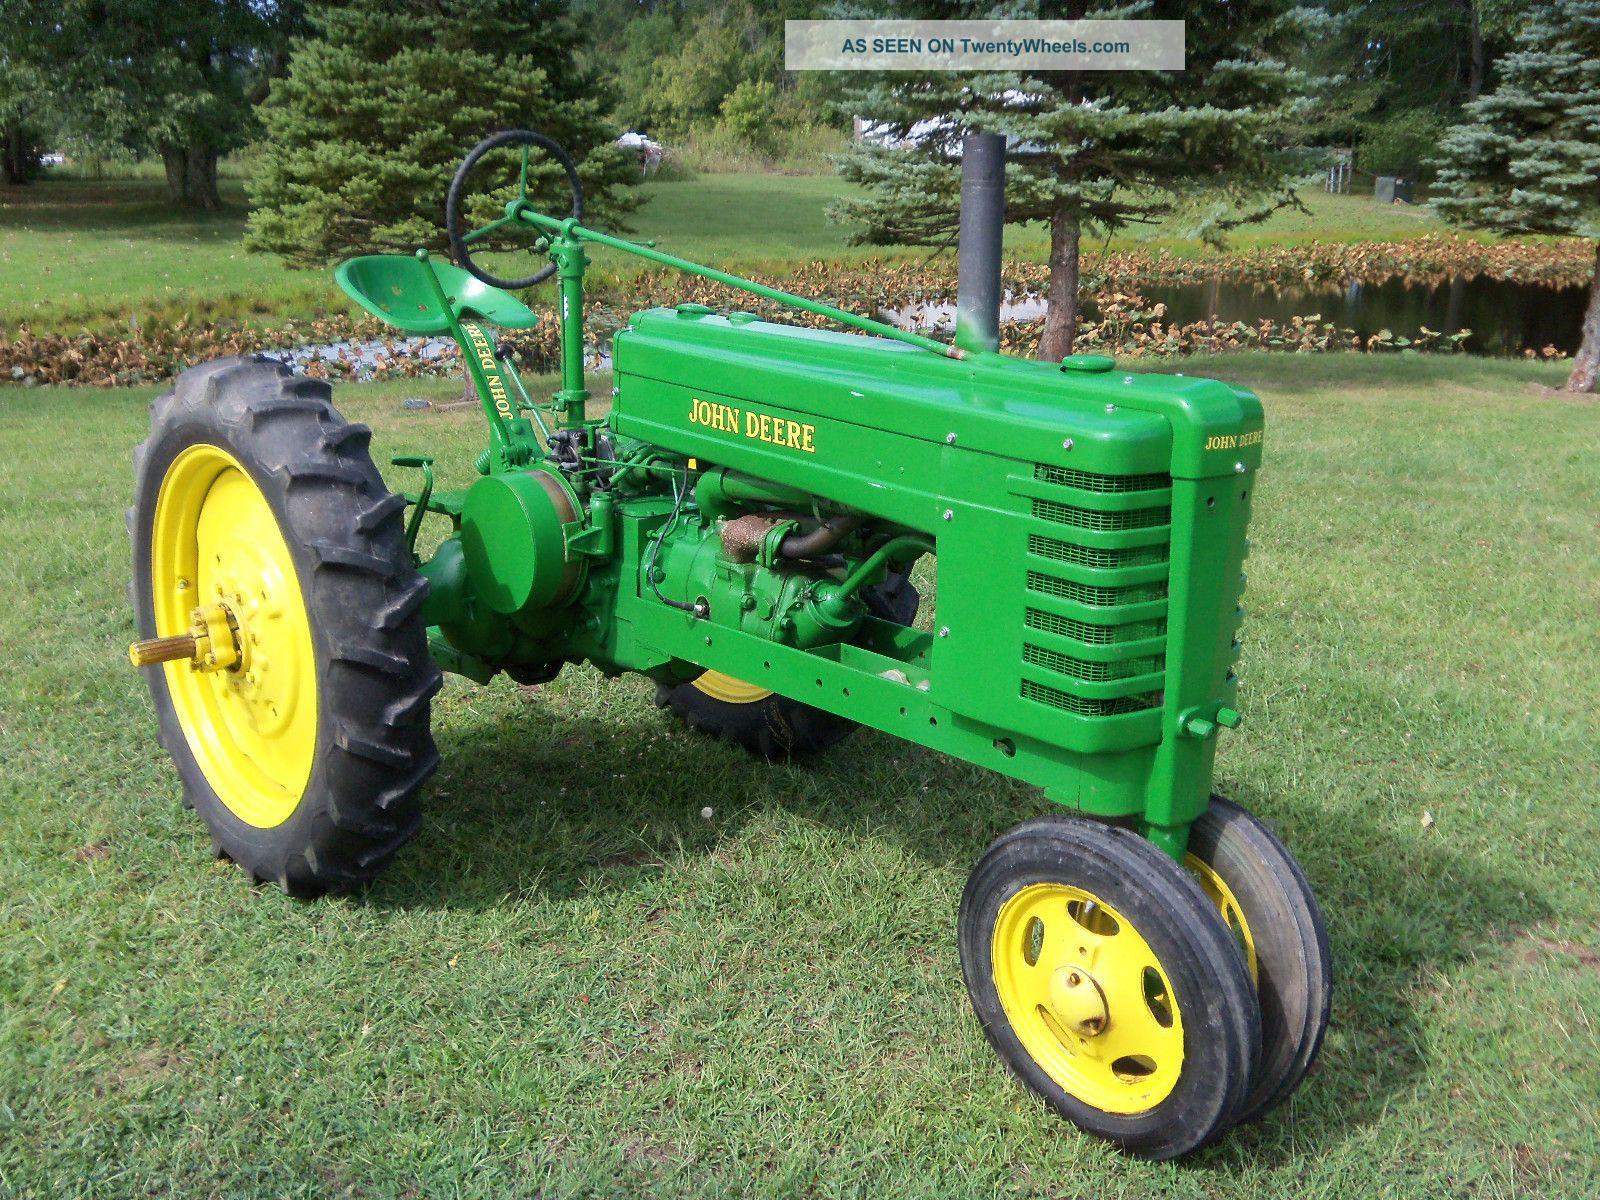 John Deere H Tractor - Restored